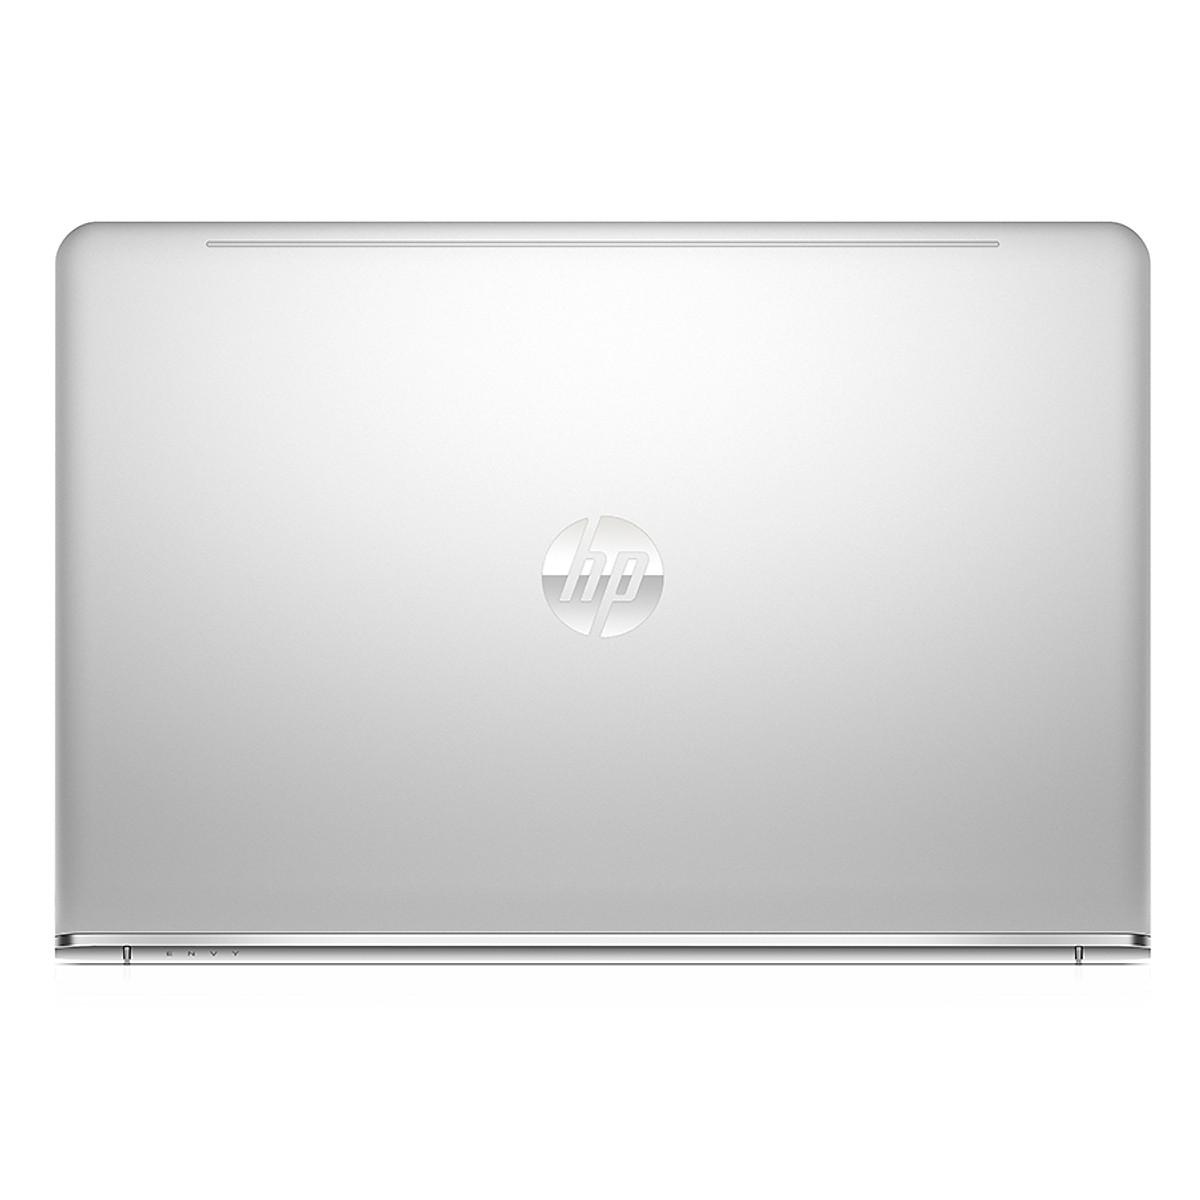 Laptop HP Envy 15-as105TU Y4G01PA - 3